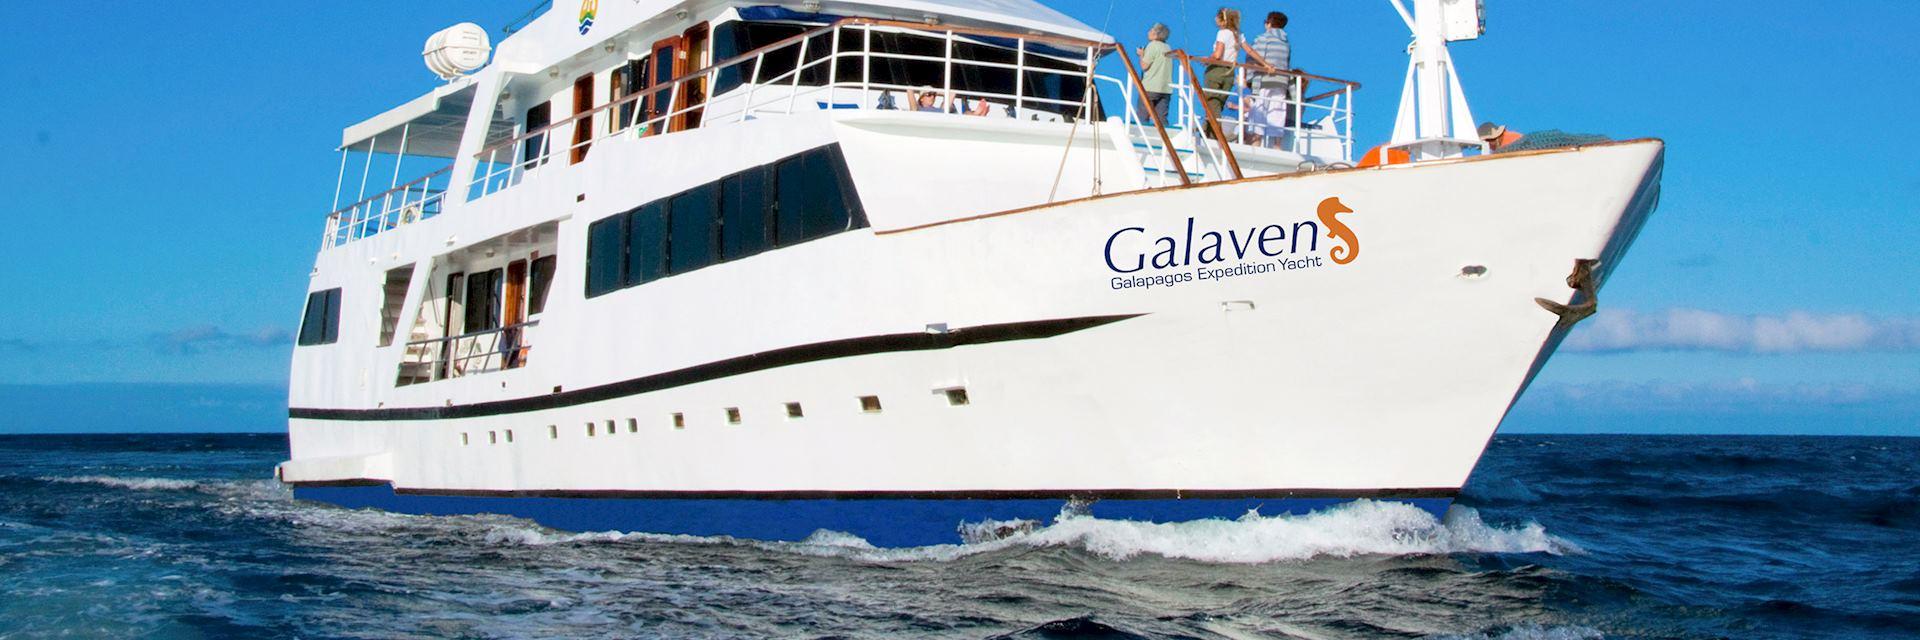 MV Galaven